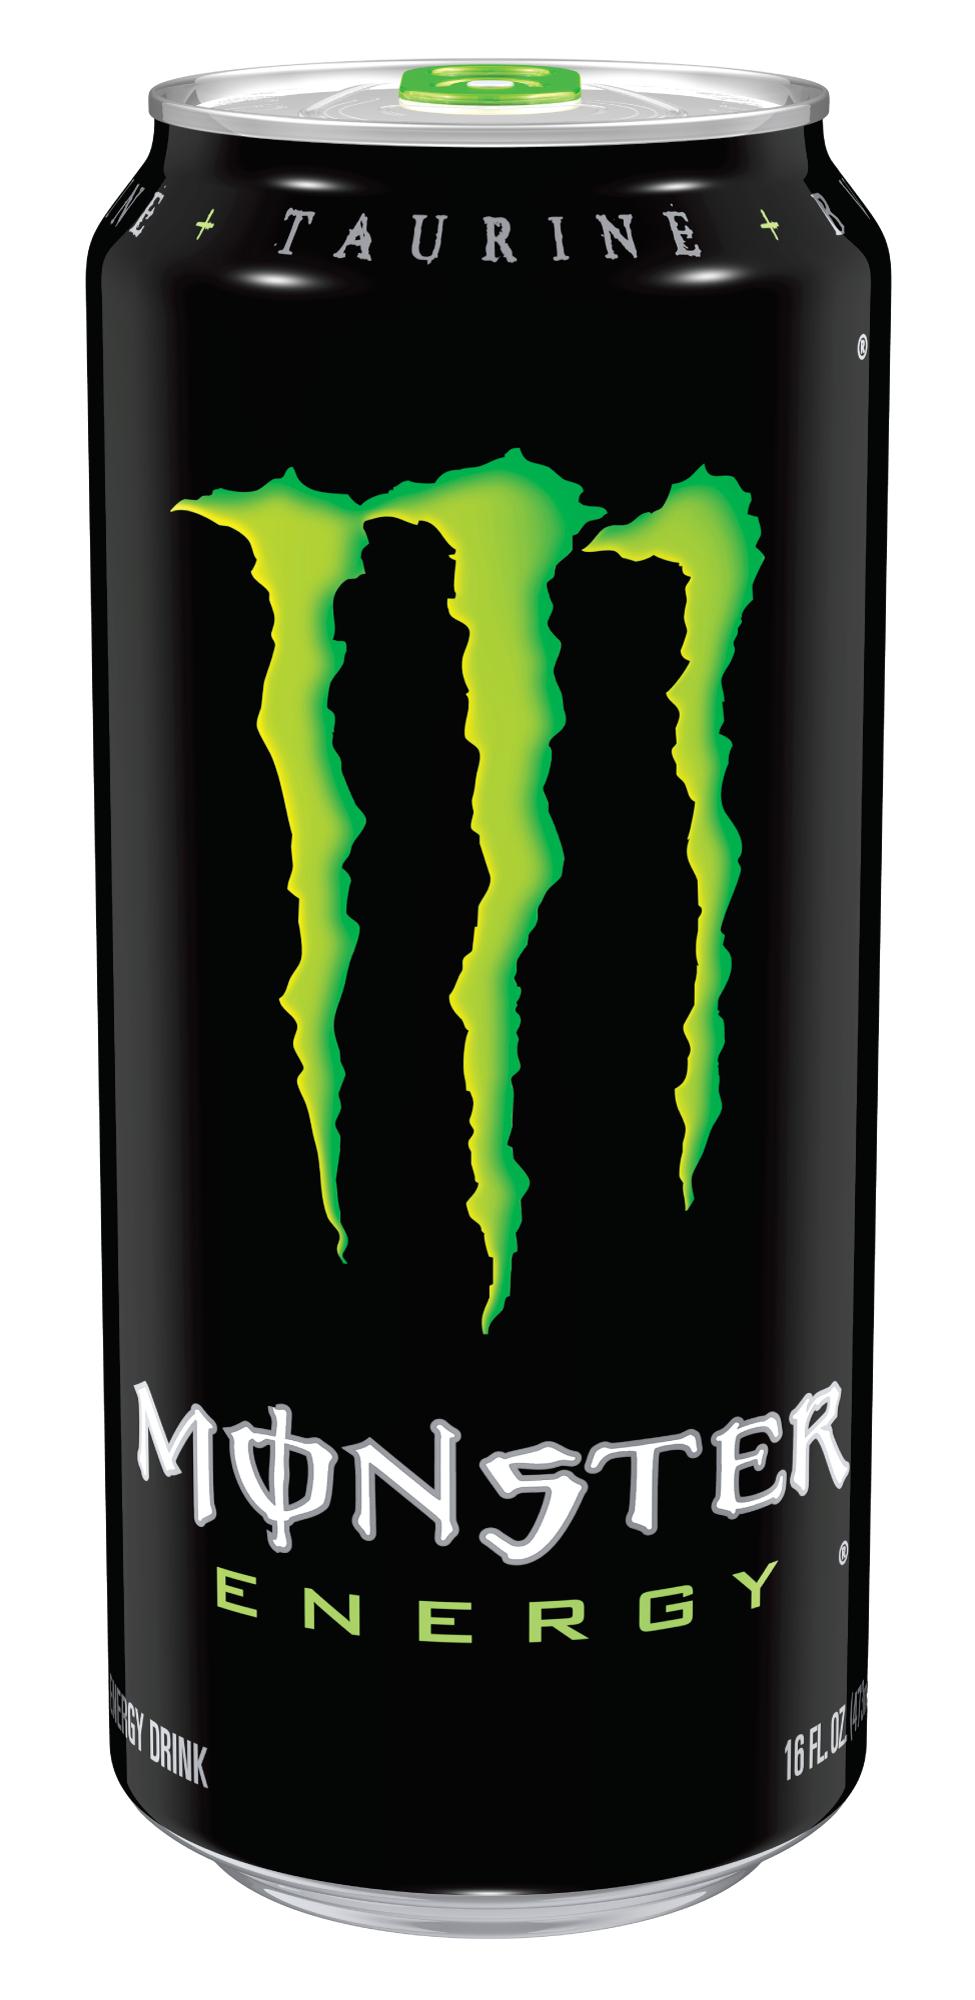 [REWE] Monster Energy 0,85 € + Pfand - und ggf. 10fach Payback